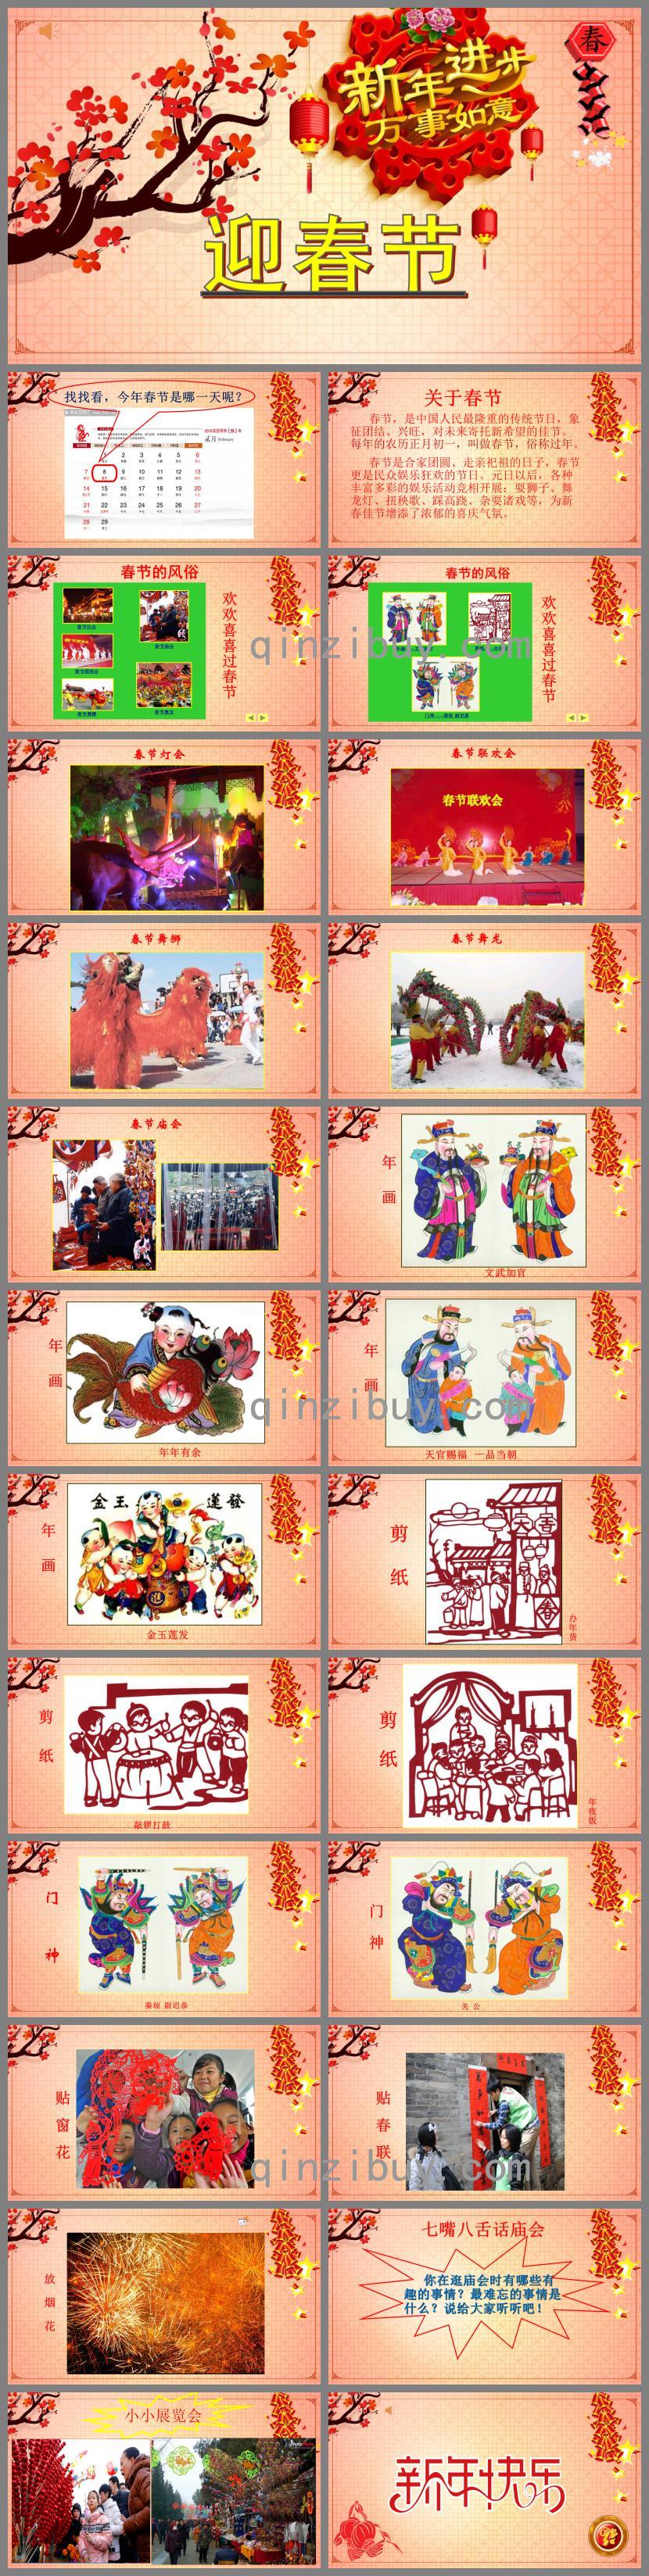 幼儿园介绍春节PPT课件